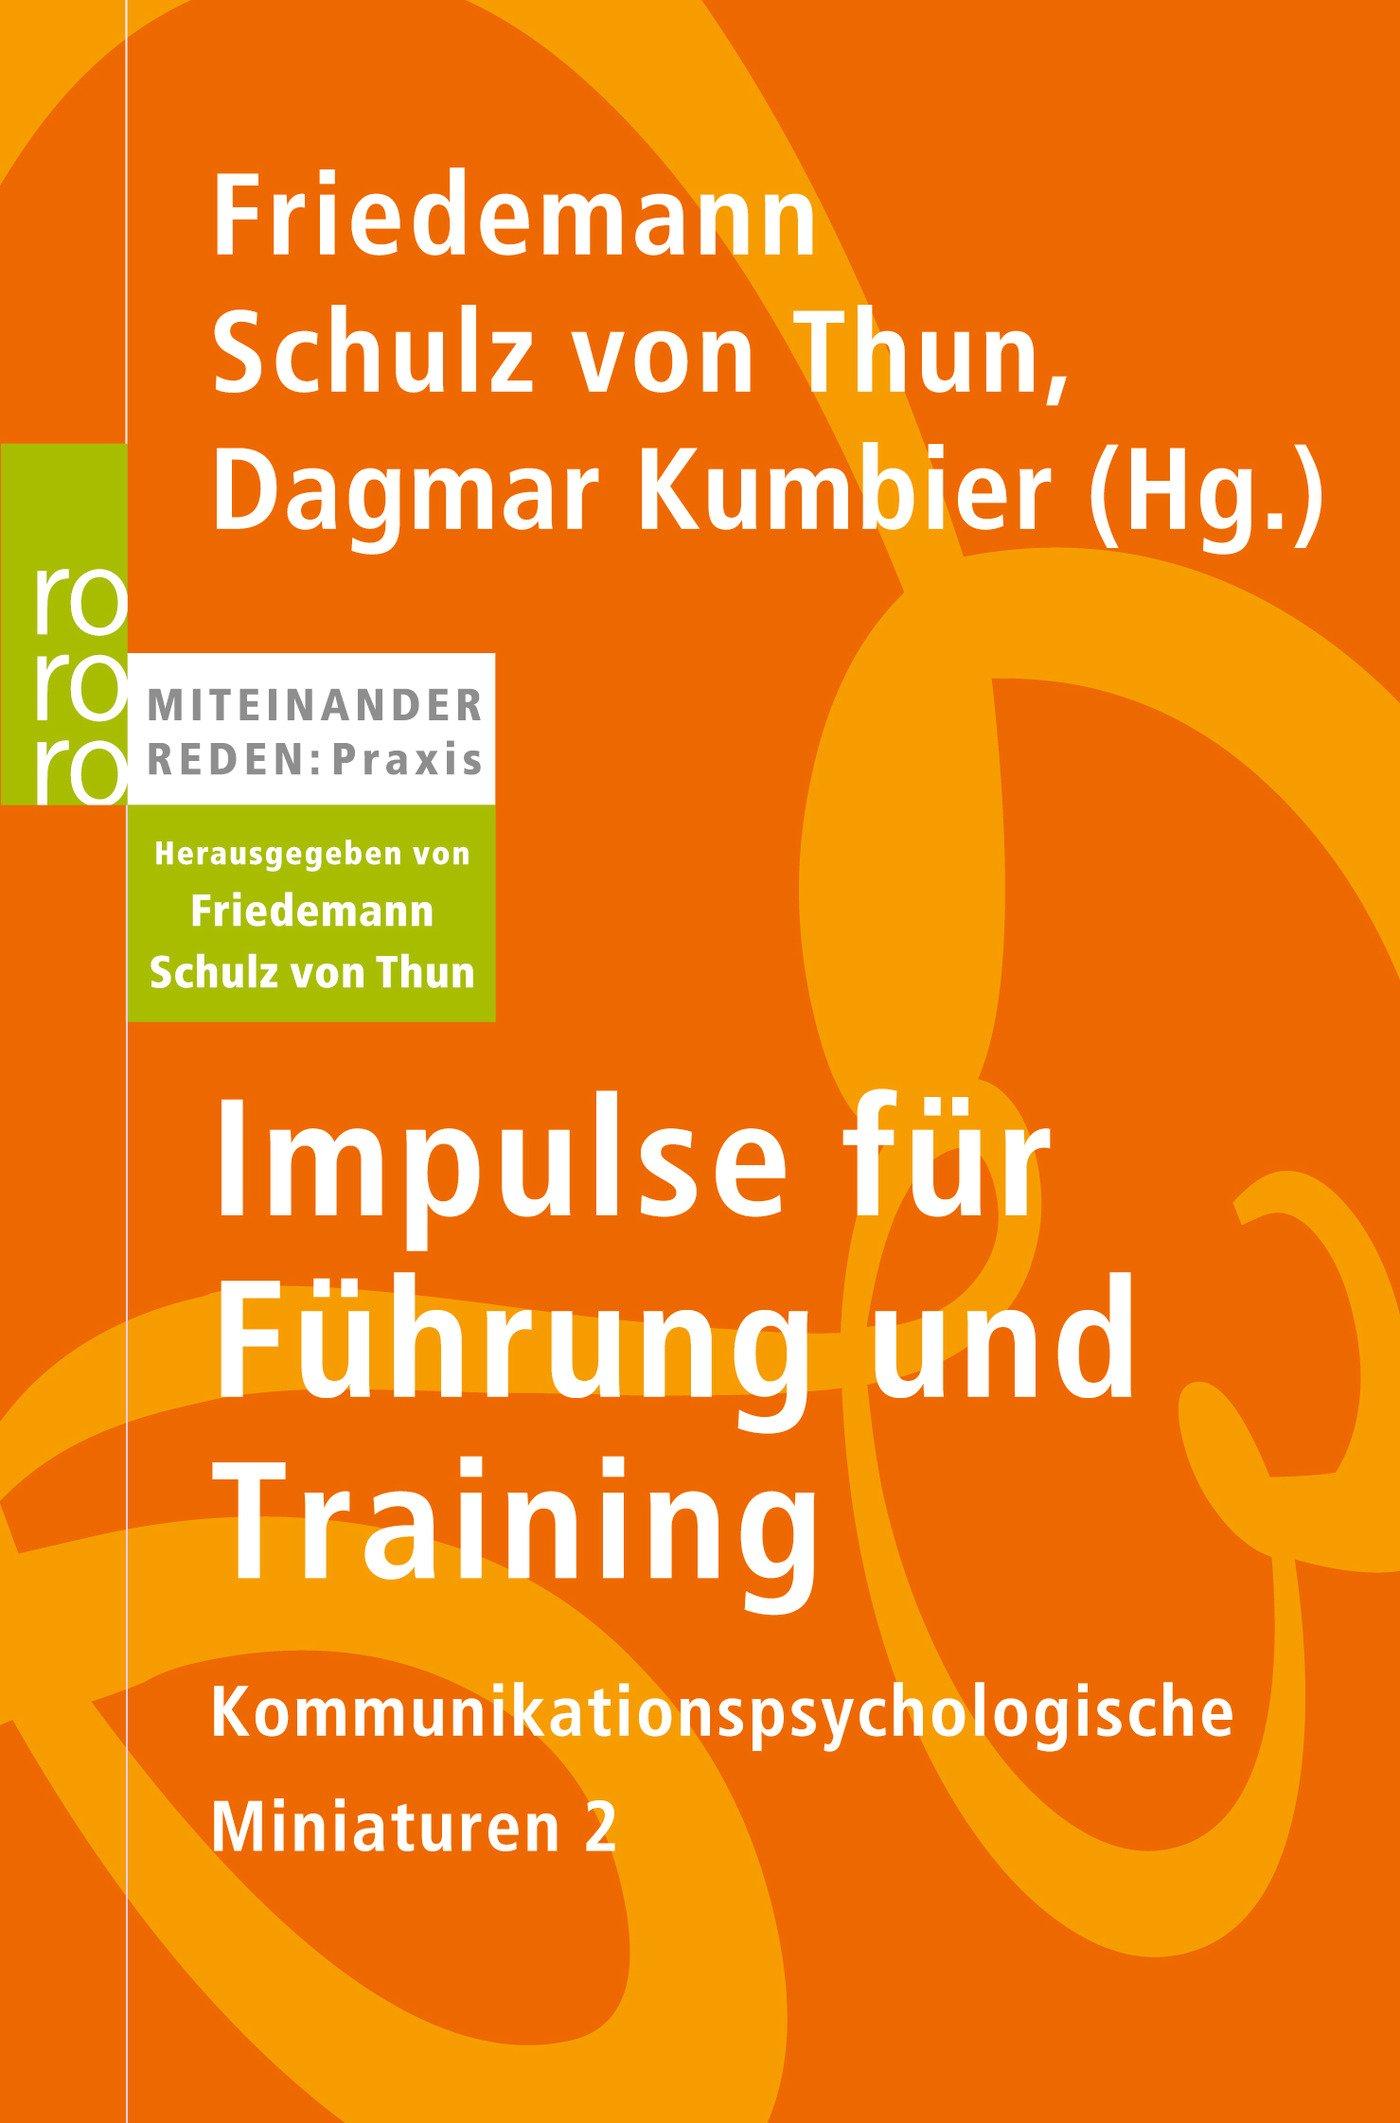 impulse-fr-fhrung-und-training-miteinander-reden-praxis